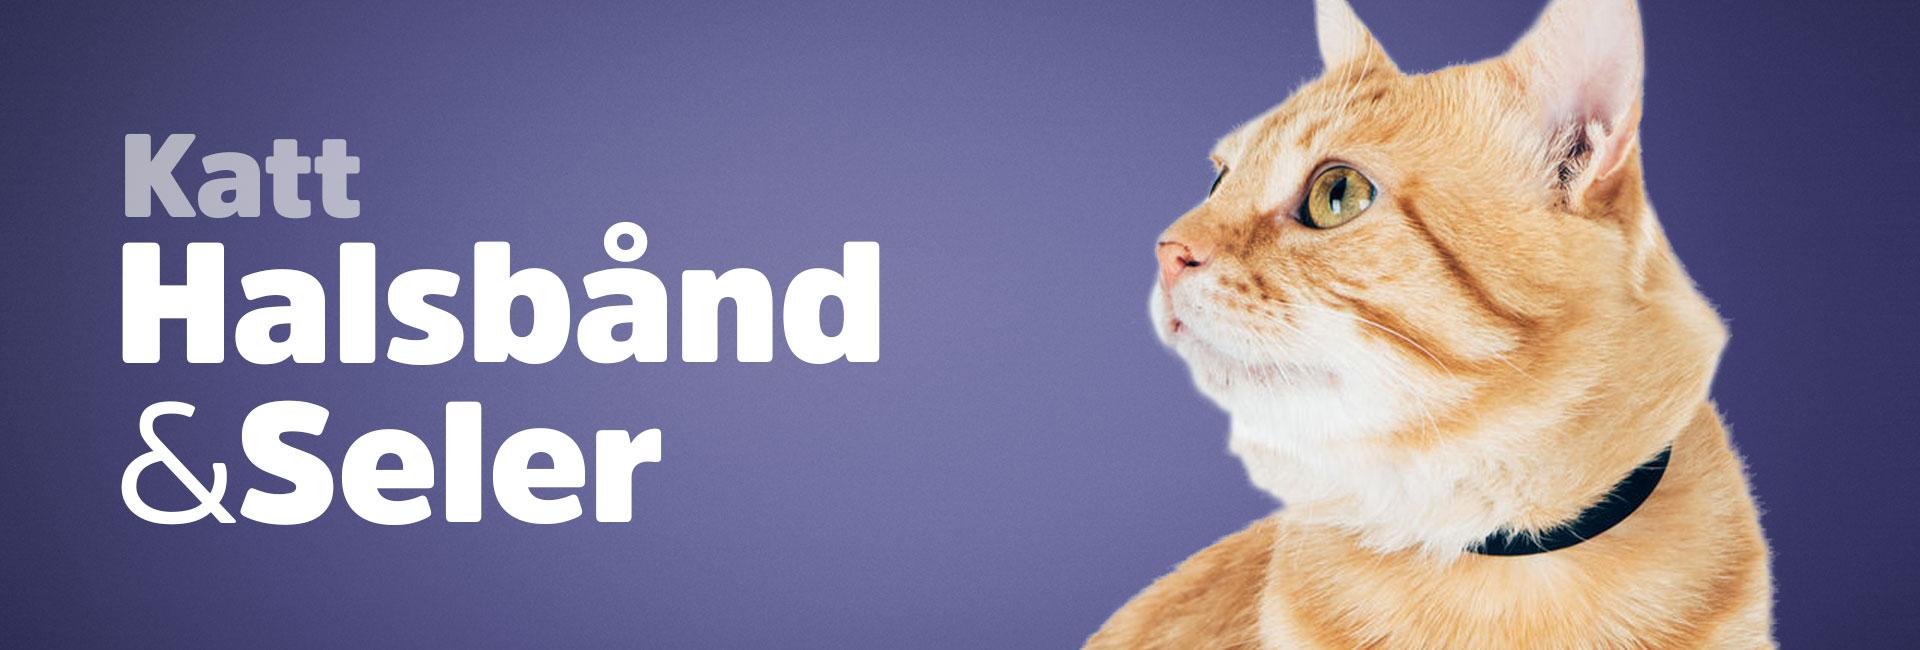 Kattehalsbånd & seler